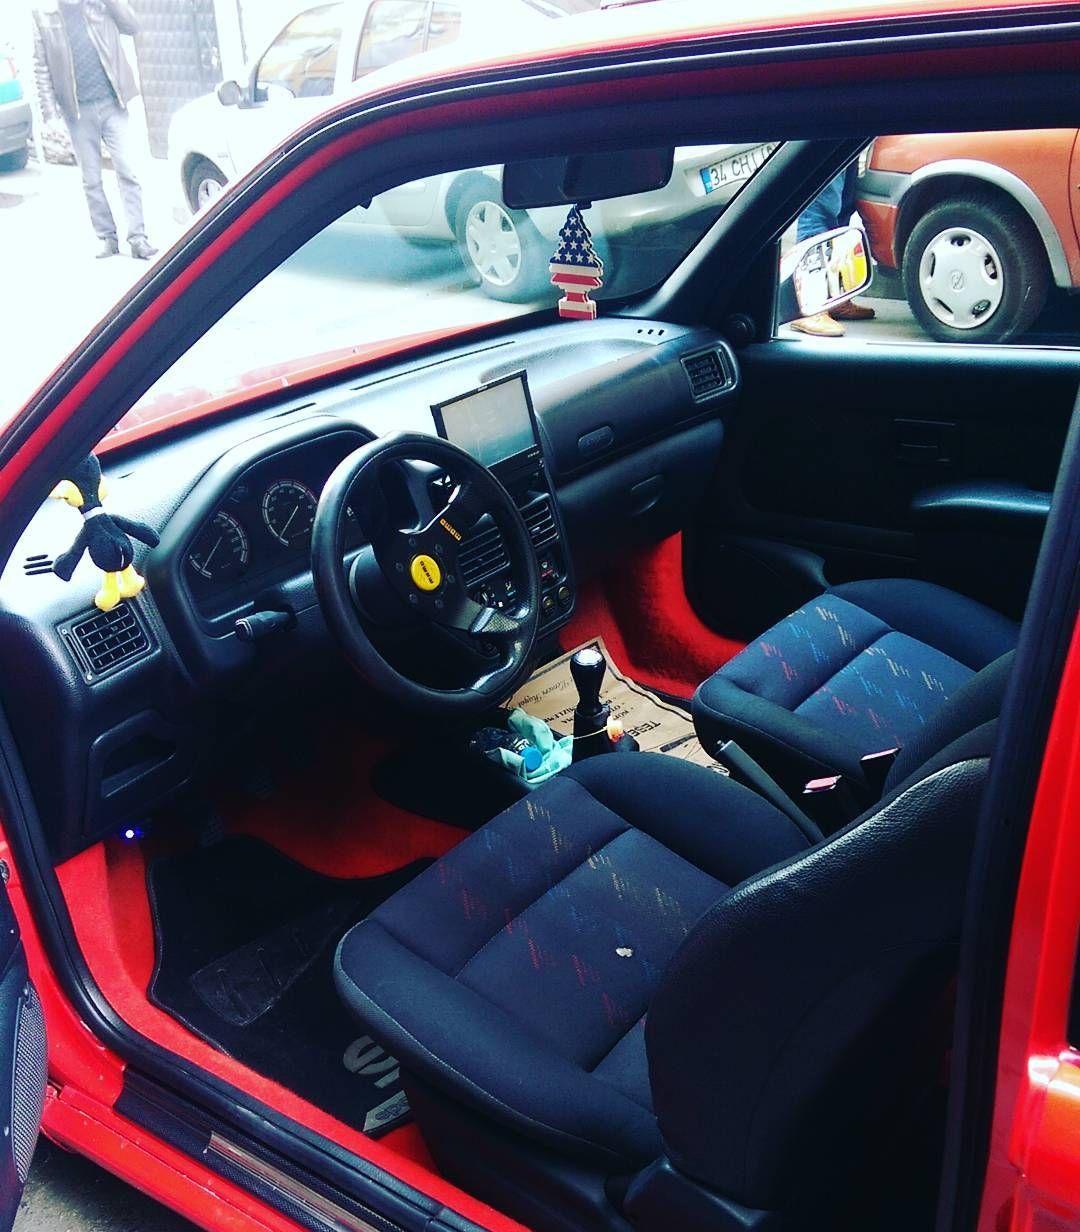 Usta Altinboya On Instagram Ici Beni Yakar Disi Sizi Love You 106gti Ay106 Masaallah Top Power Ve Digerleri Kocum Benim Peugeot Gti Car Audio